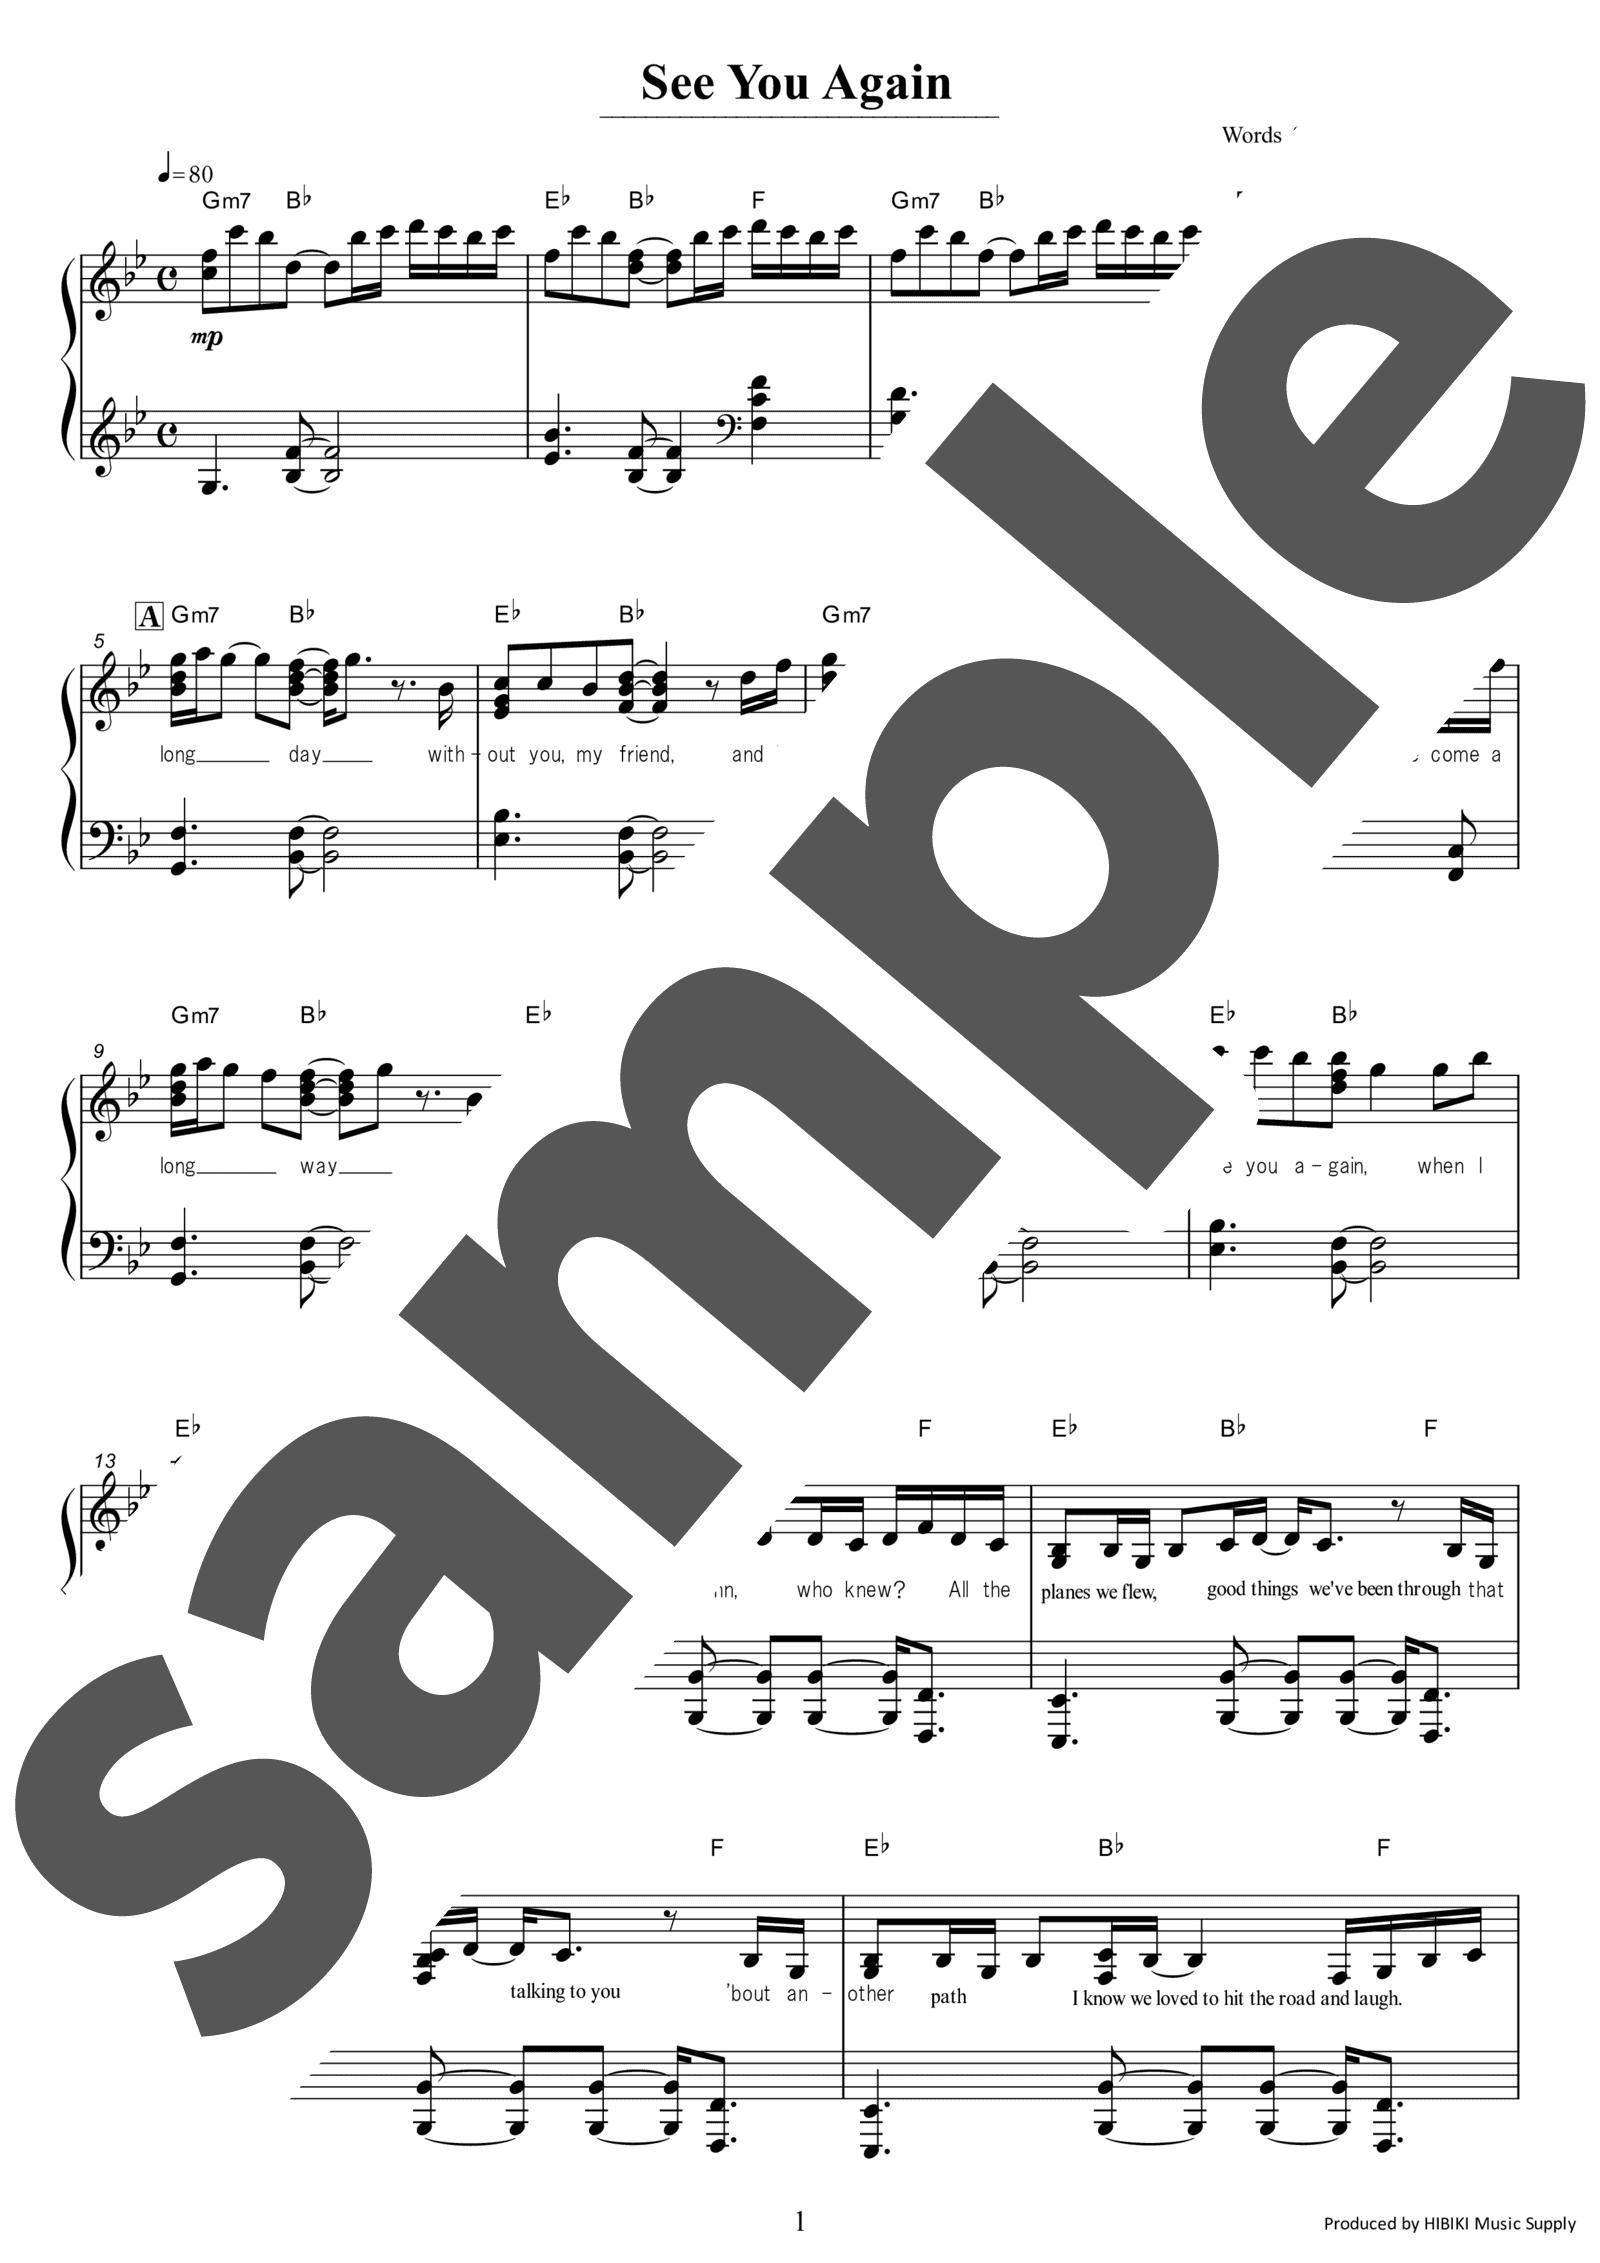 楽譜 シーユー アゲイン